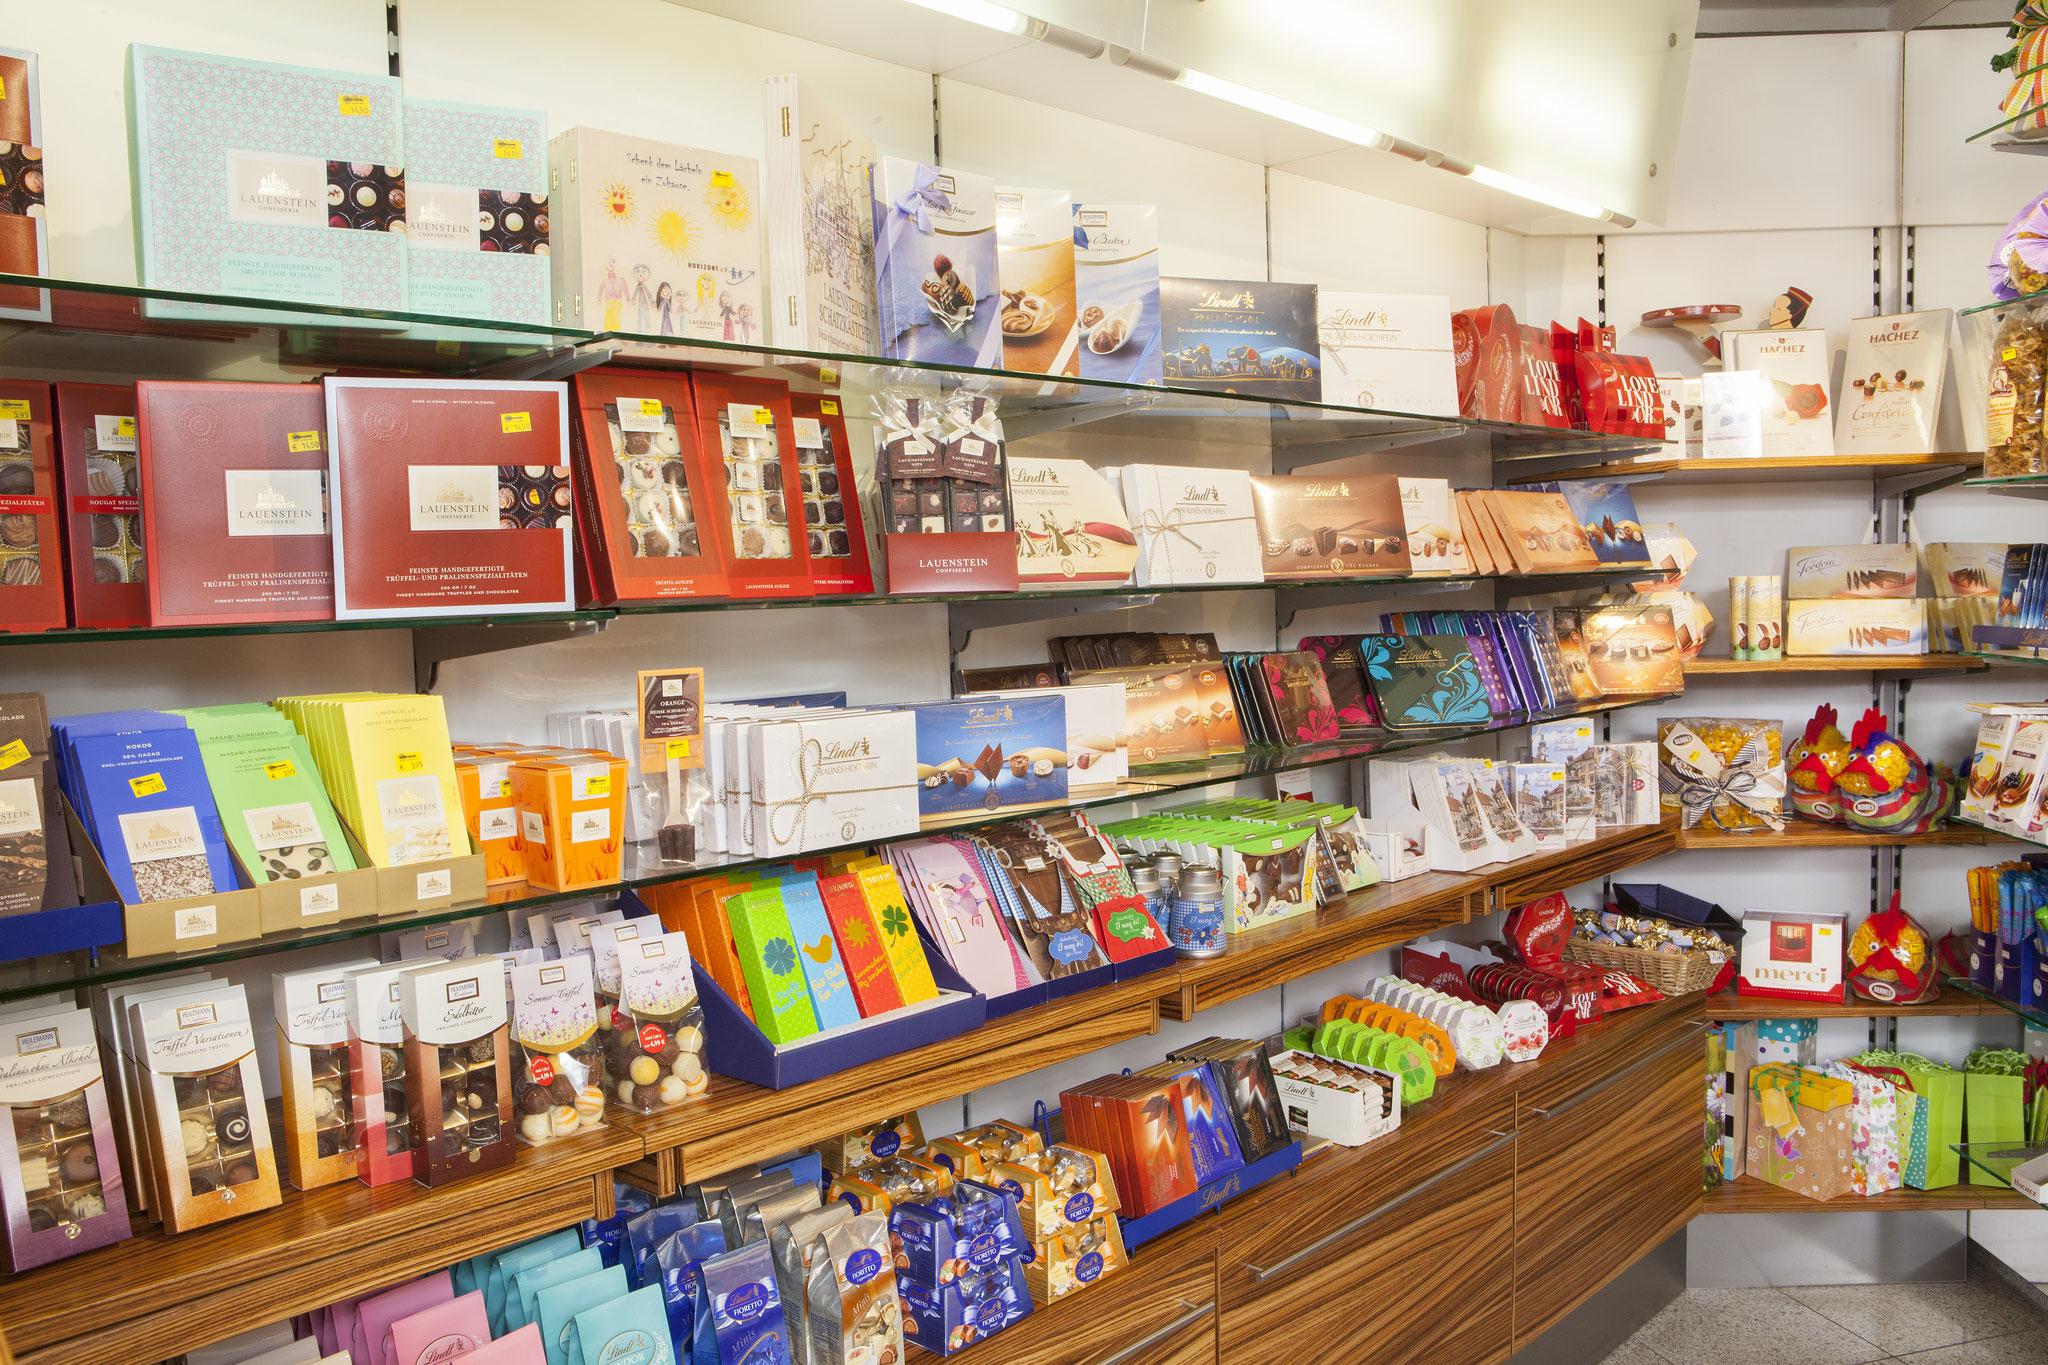 Pralinen Schokolade bei Ottmann in Sulzbach-Rosenberg